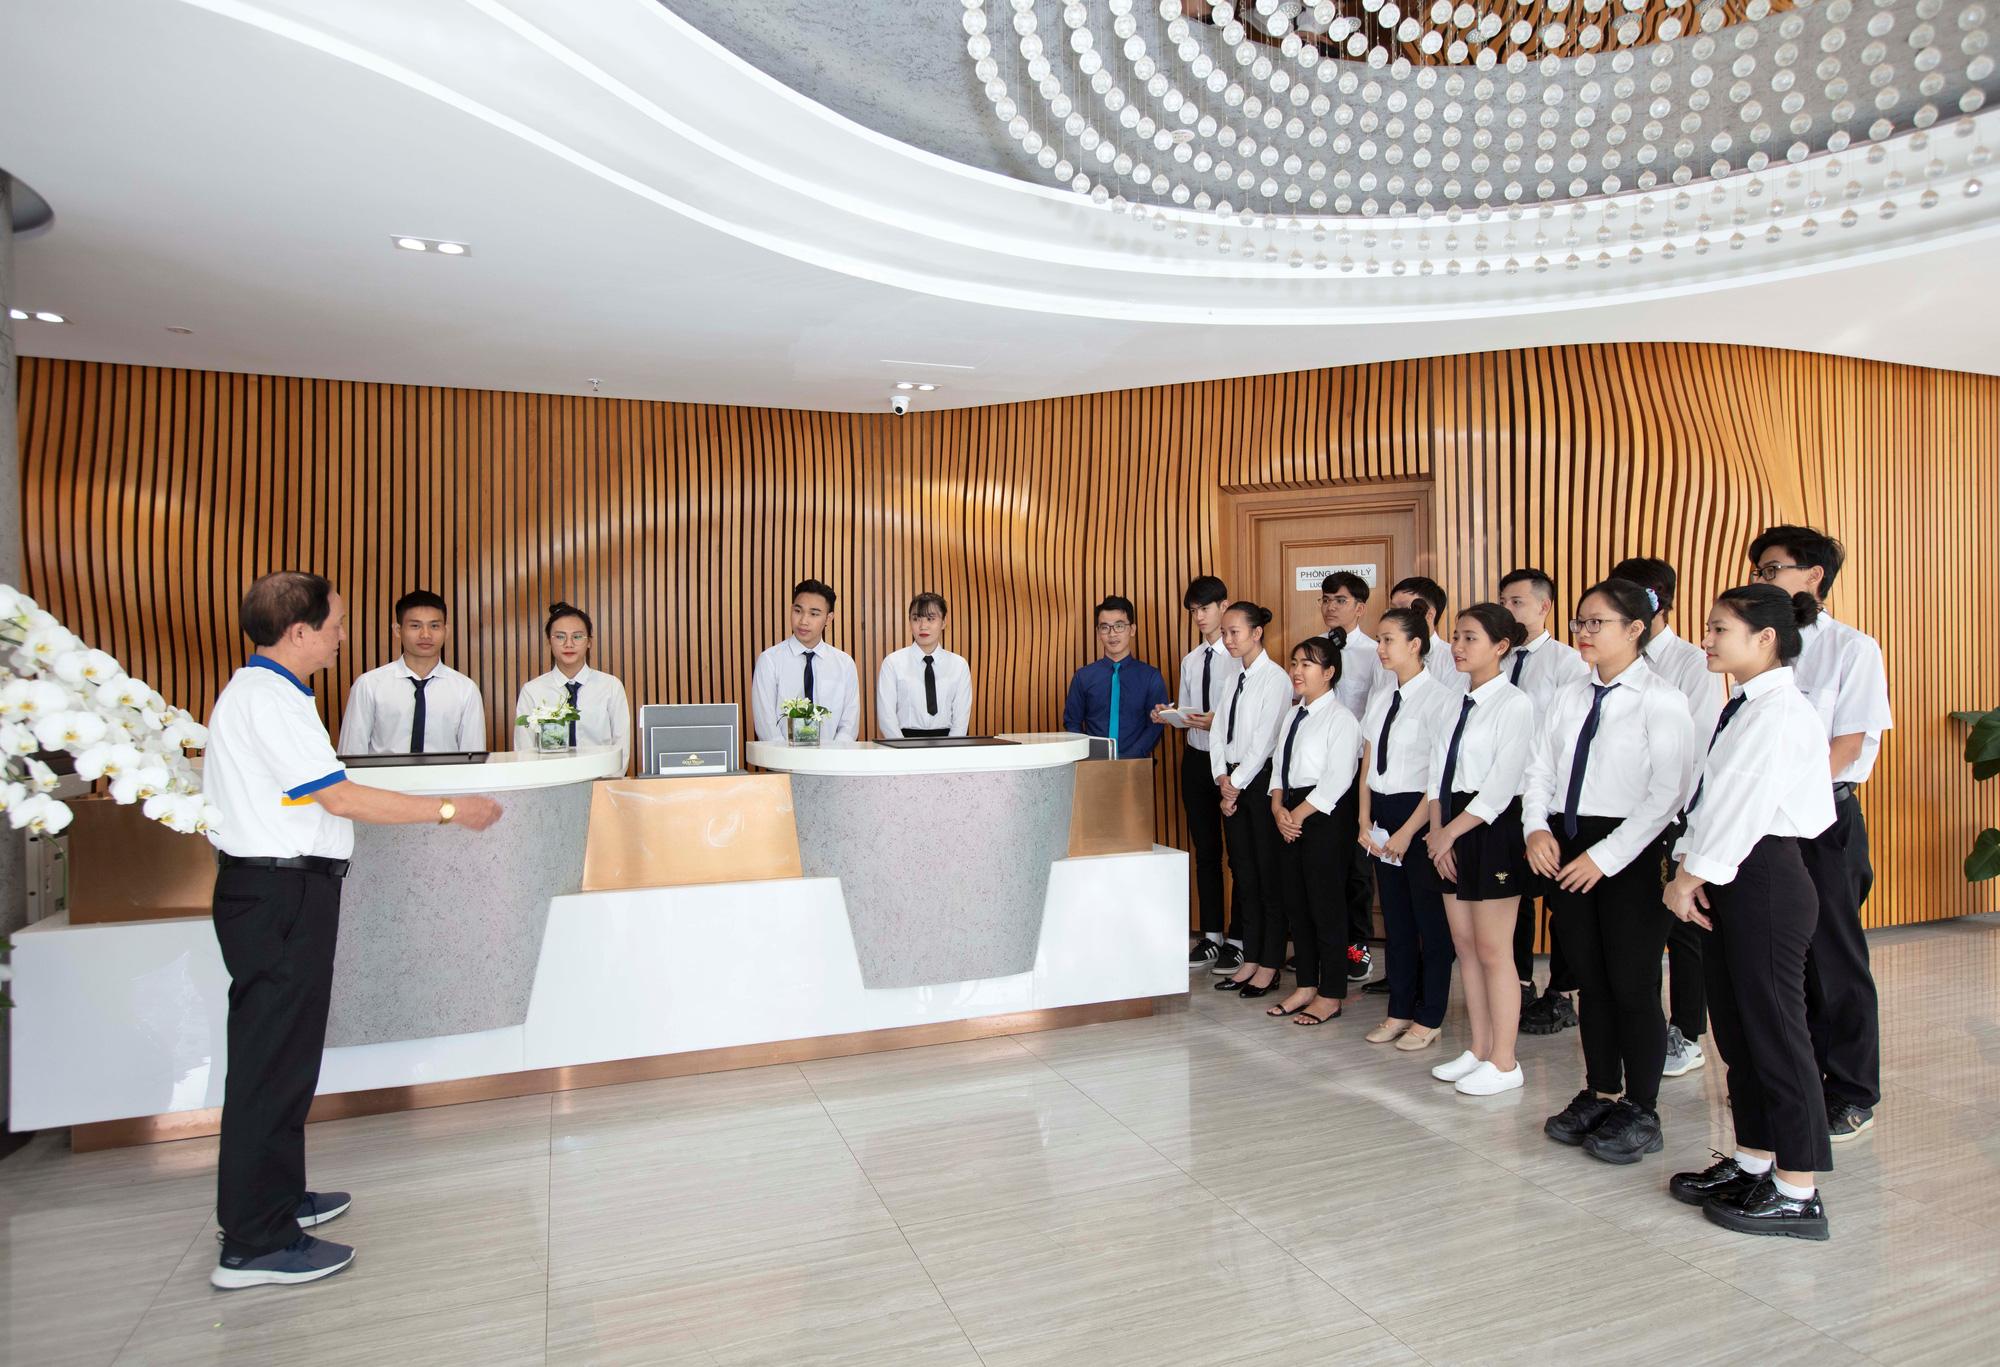 Xét tuyển ngành Quản trị khách sạn dành cho mọi trình độ, mọi đối tượng - Ảnh 1.